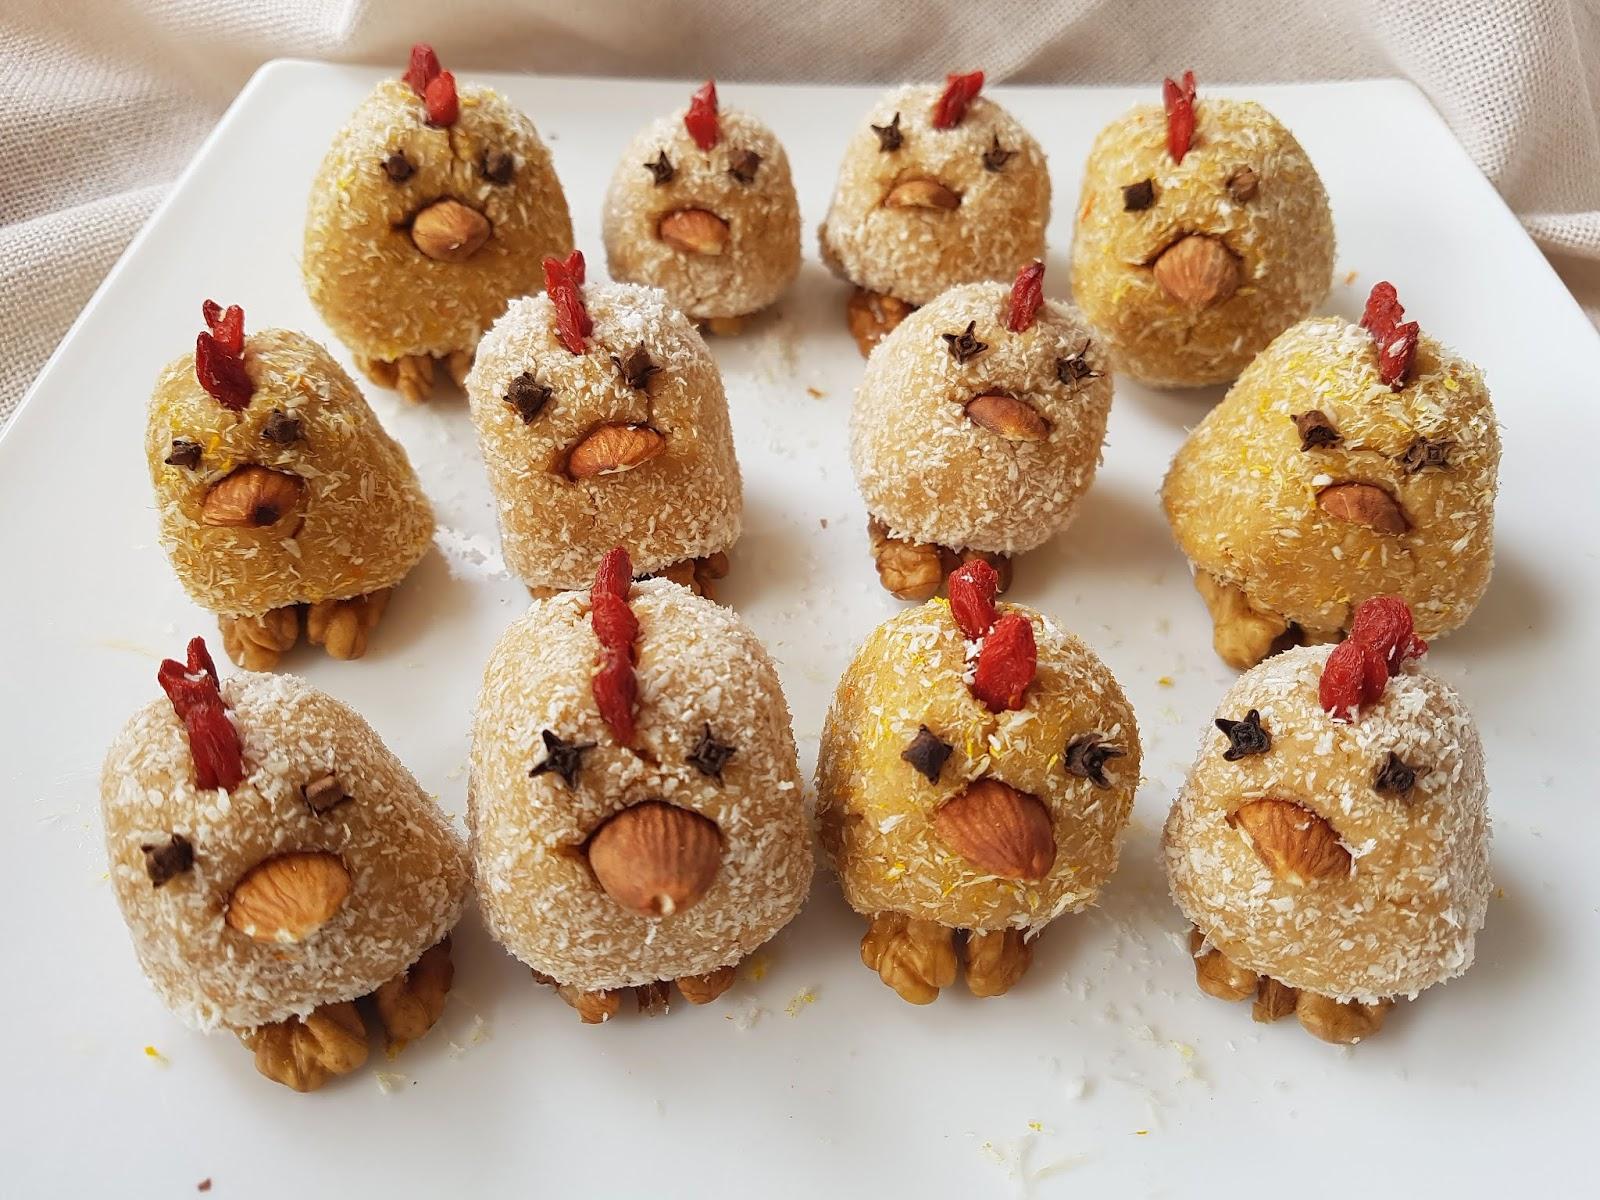 Recettes de biscuits de Pâques - Pouletс